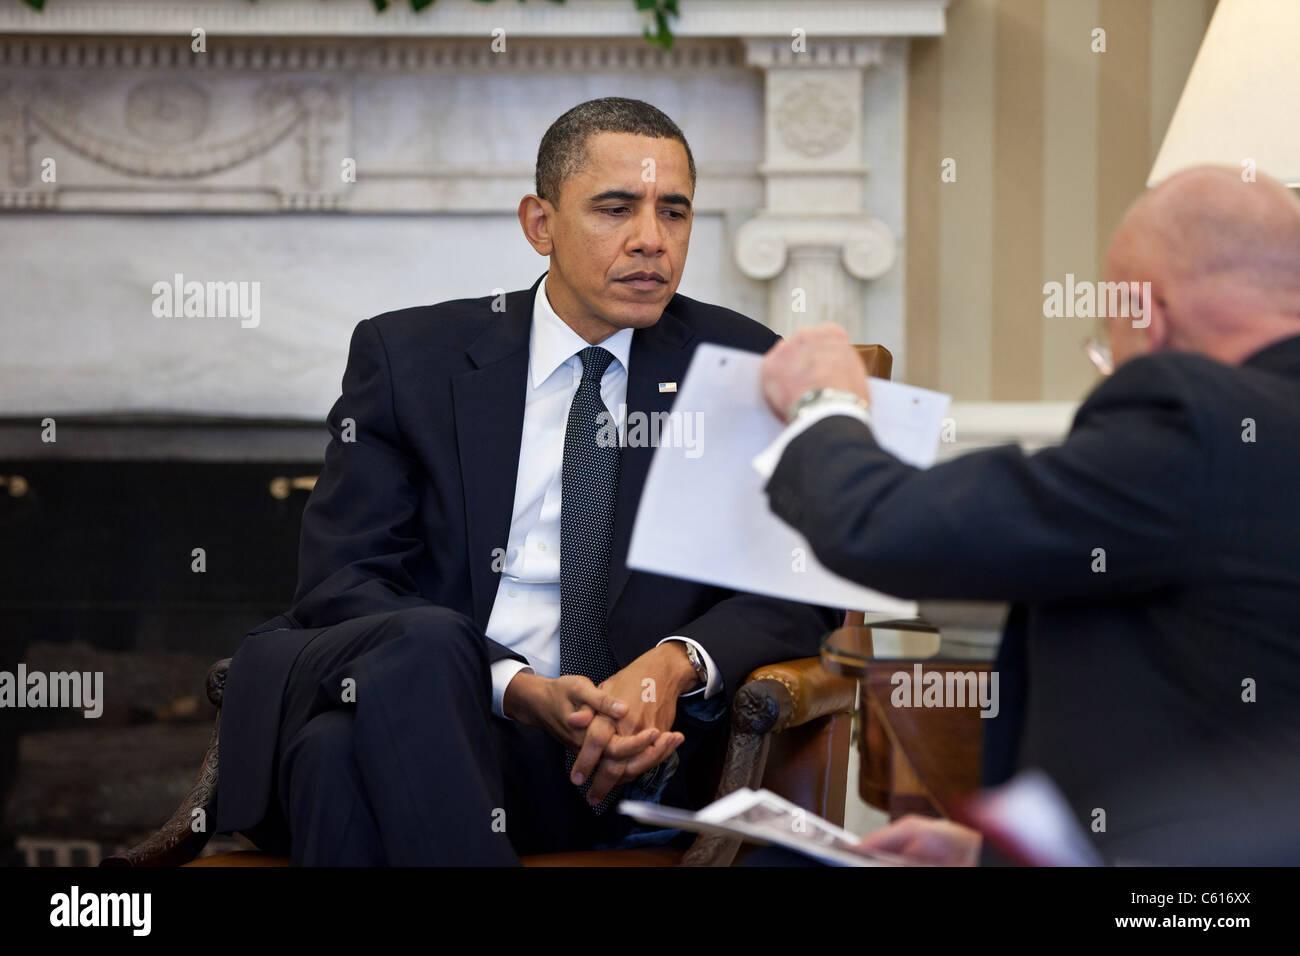 Präsident Obama Studien ein Dokument während der Präsidentschaftswahlen Daily Briefing im Oval Office Stockbild